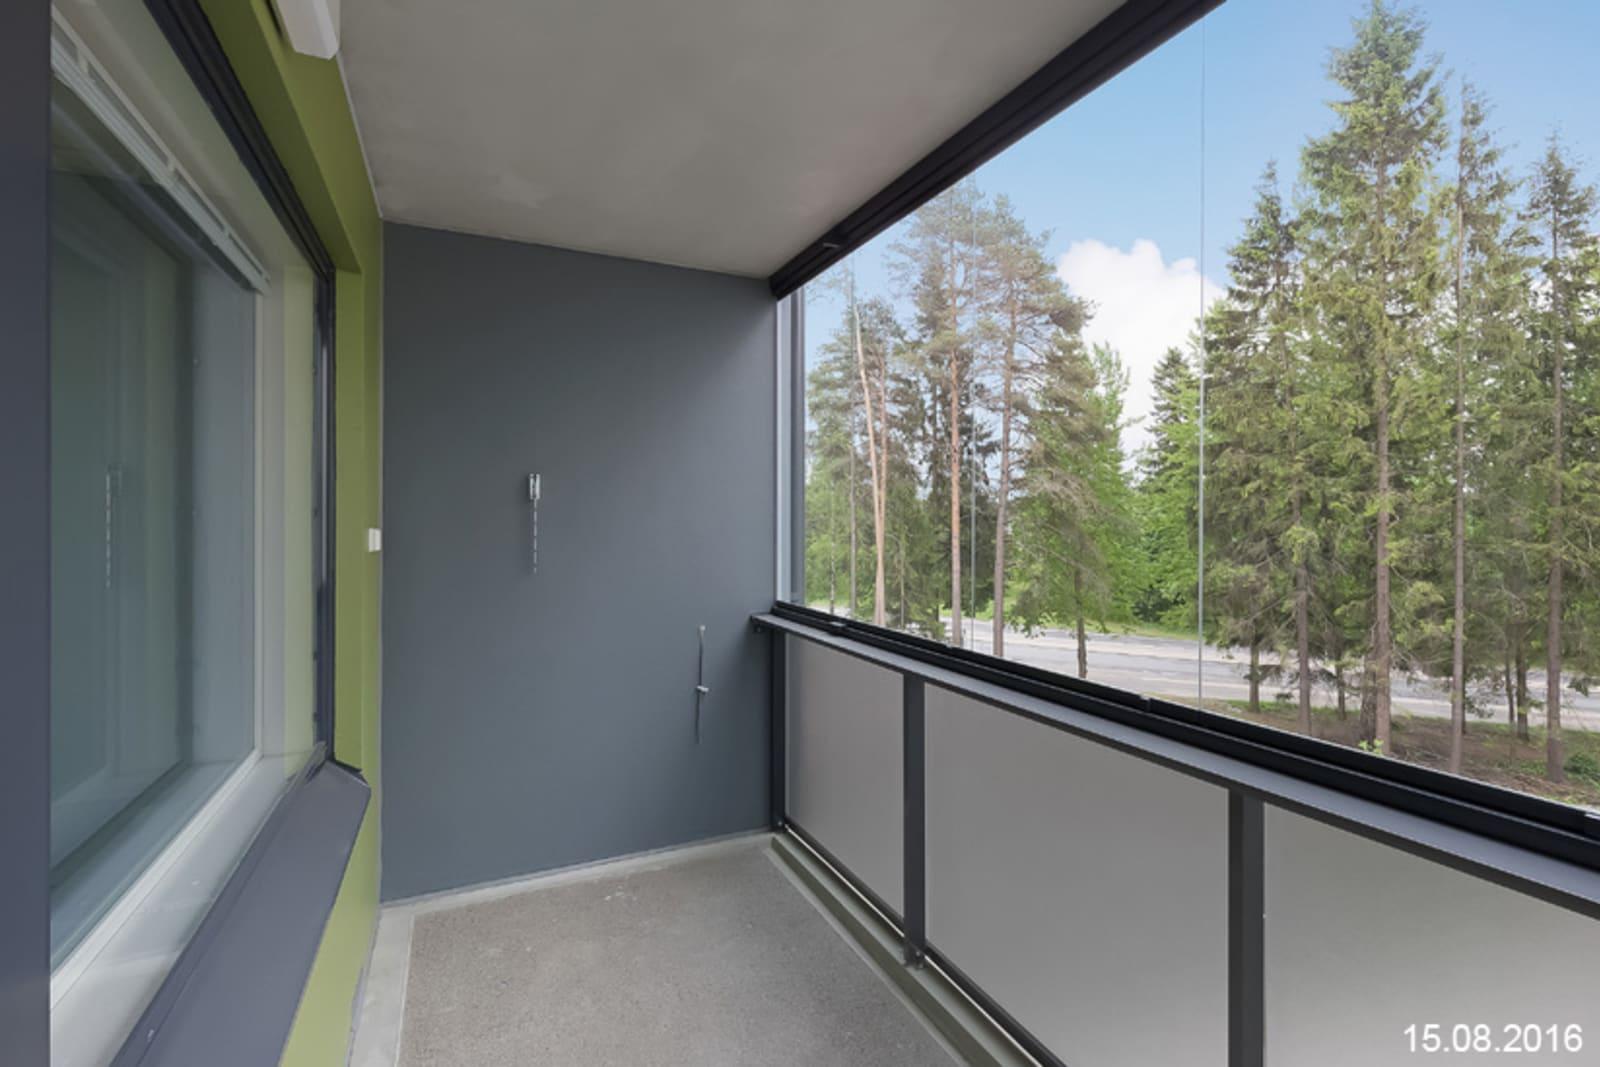 Vantaa, Rajakylä, Sompakuja 2-4 B 029